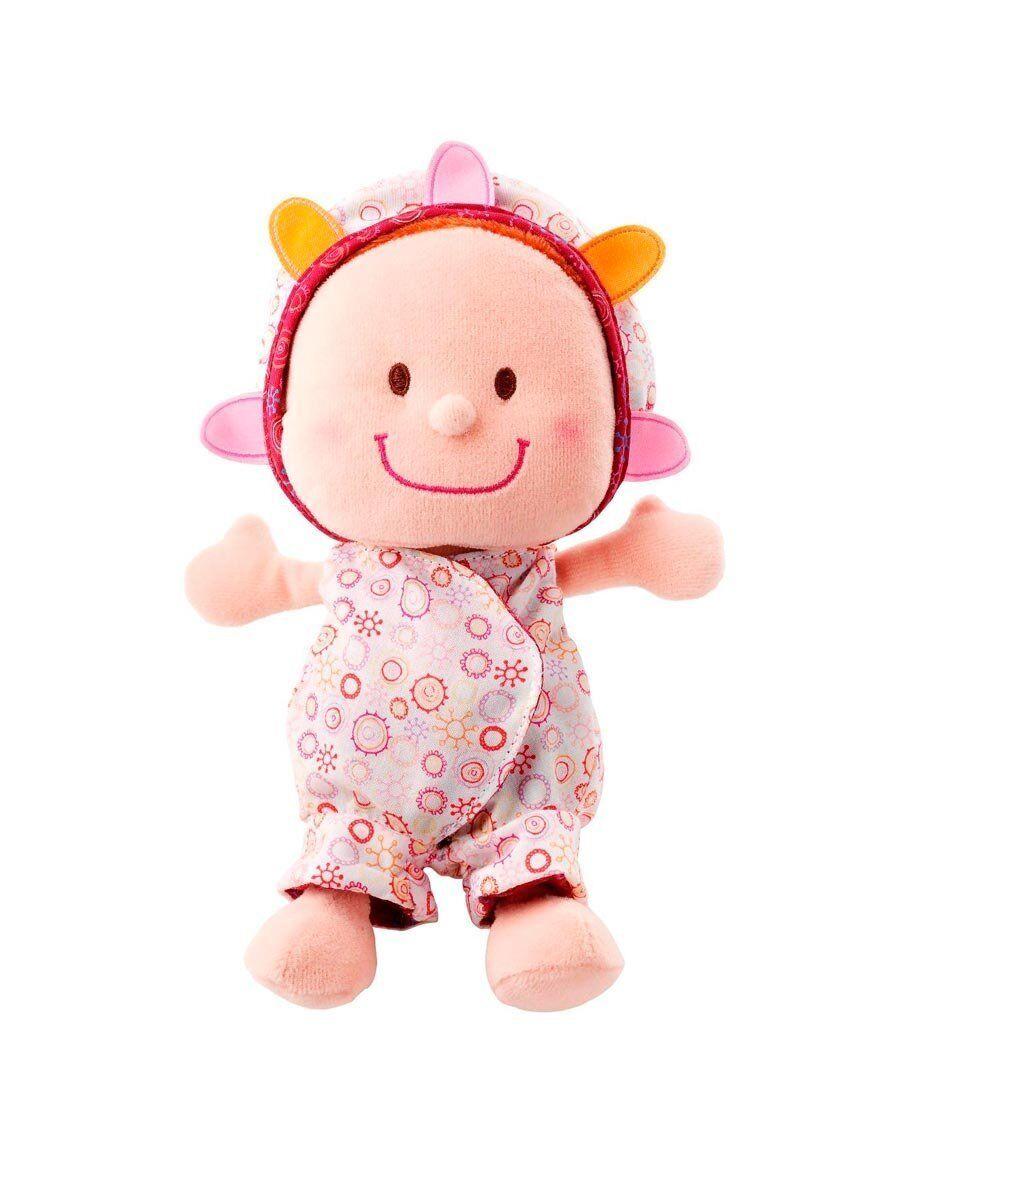 Lilliputiens • Pupazzo Baby 86244 Eline 86244 Baby CONFEZIONE ORIGINALE RARO CULLA NUOVO cf0b8d